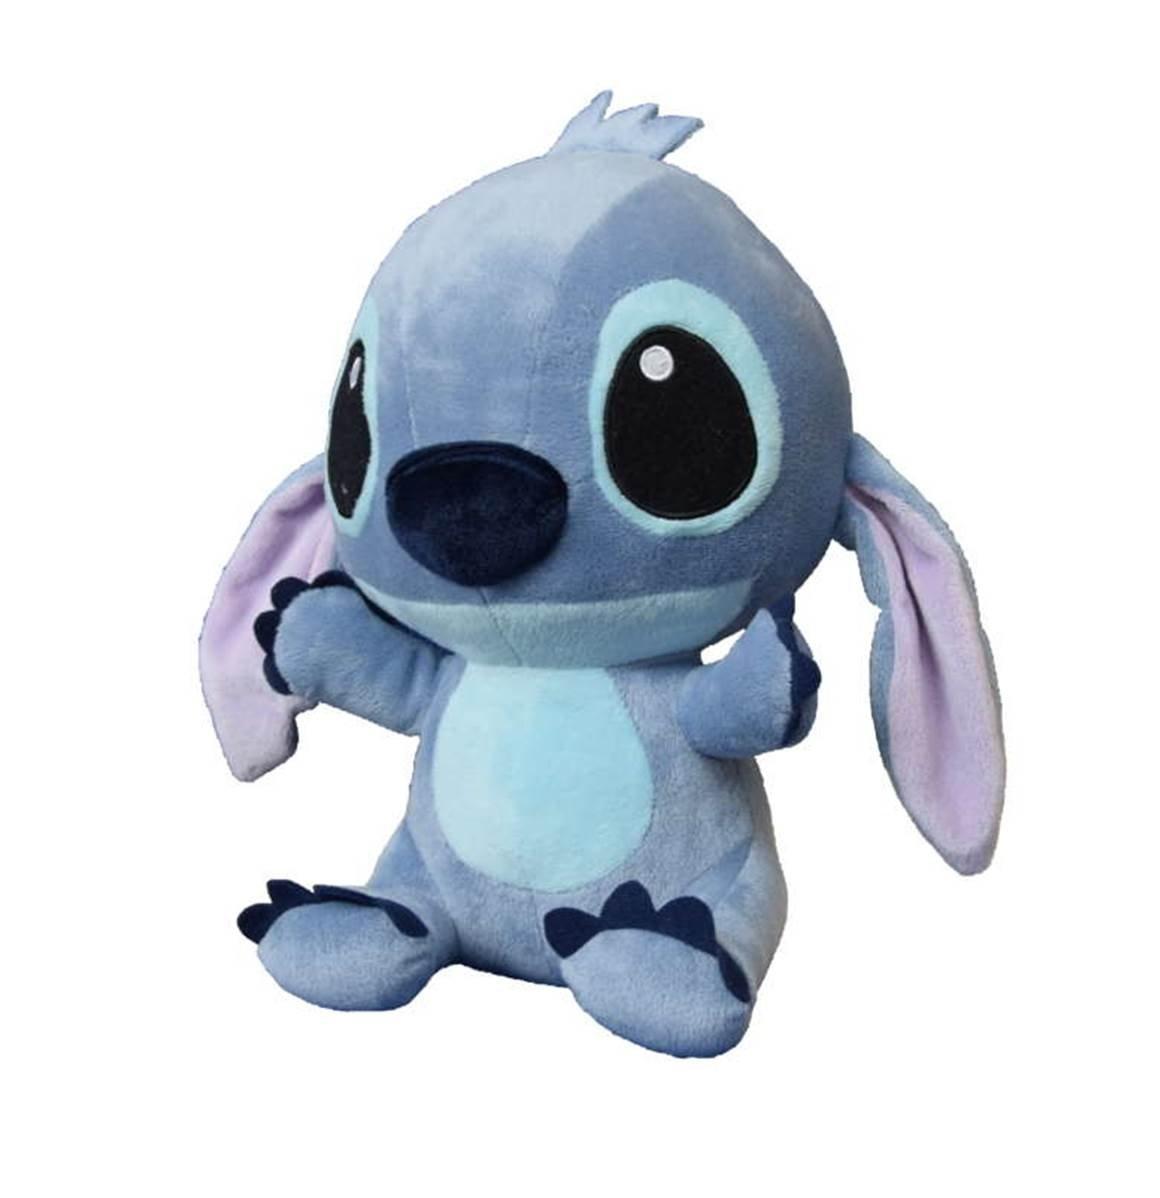 Peluche de BABY STITCH 20cm de Lilo & Stitch Plush Officiel et Originel DISNEY